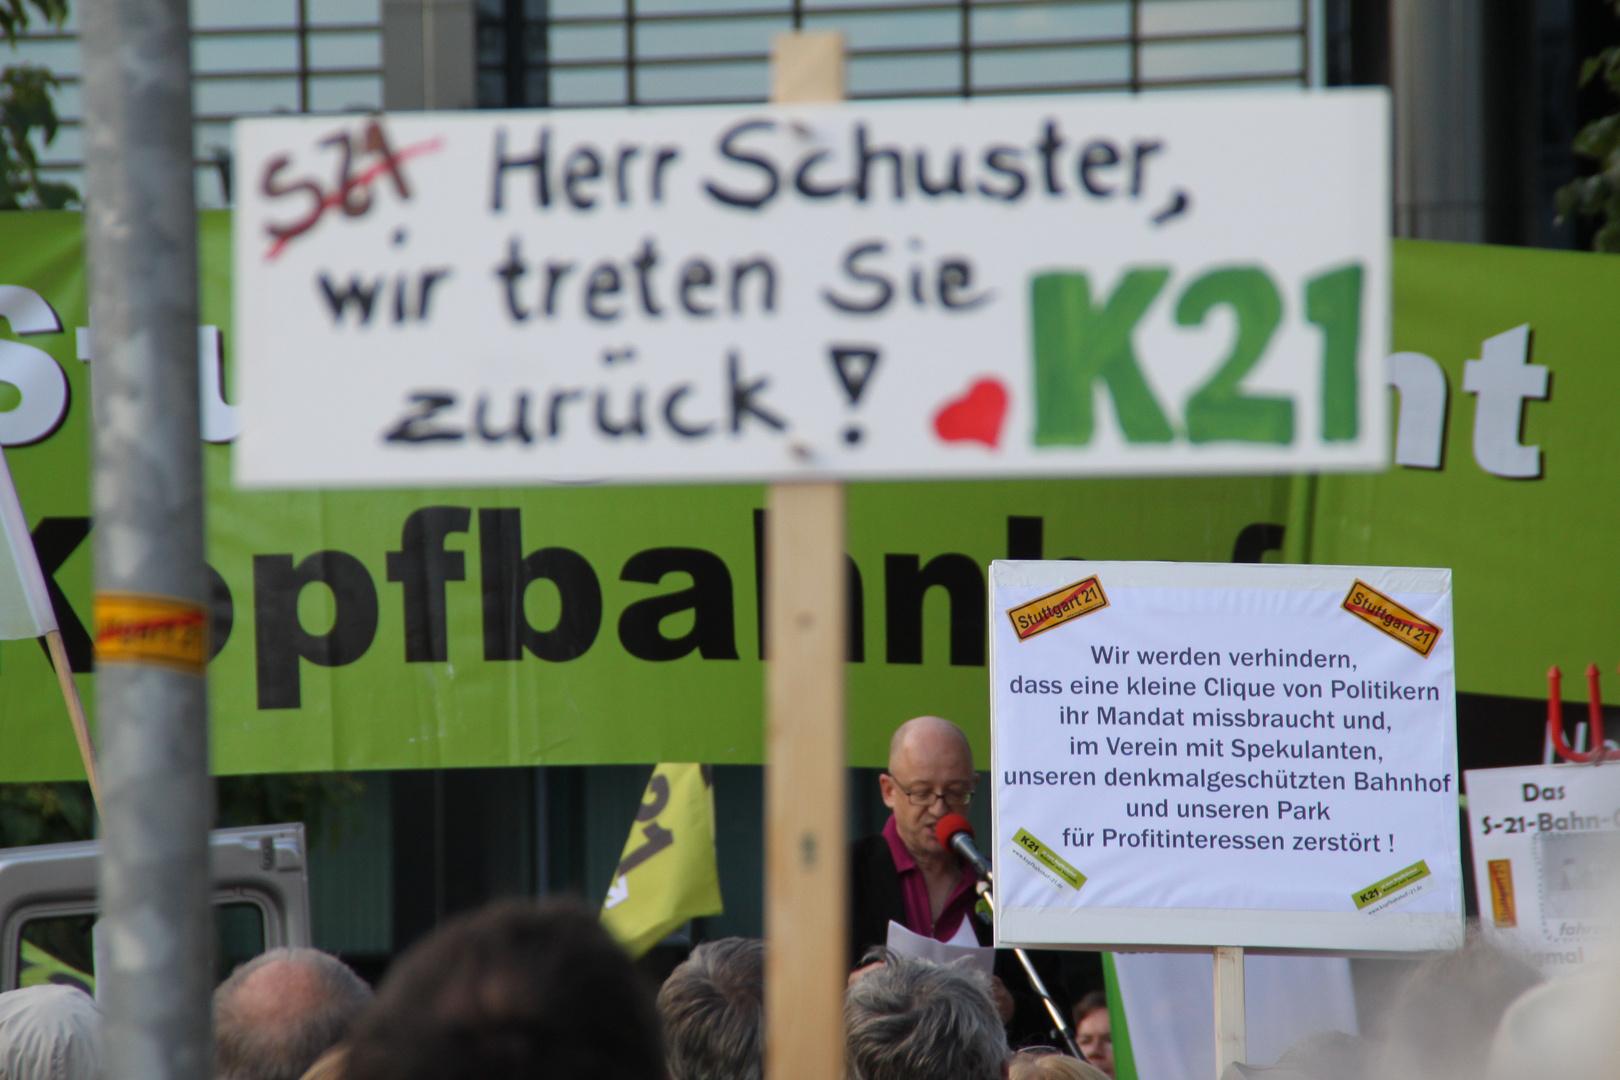 K21 - wir werden OBERBUERGERMEISTER ... Jul2010